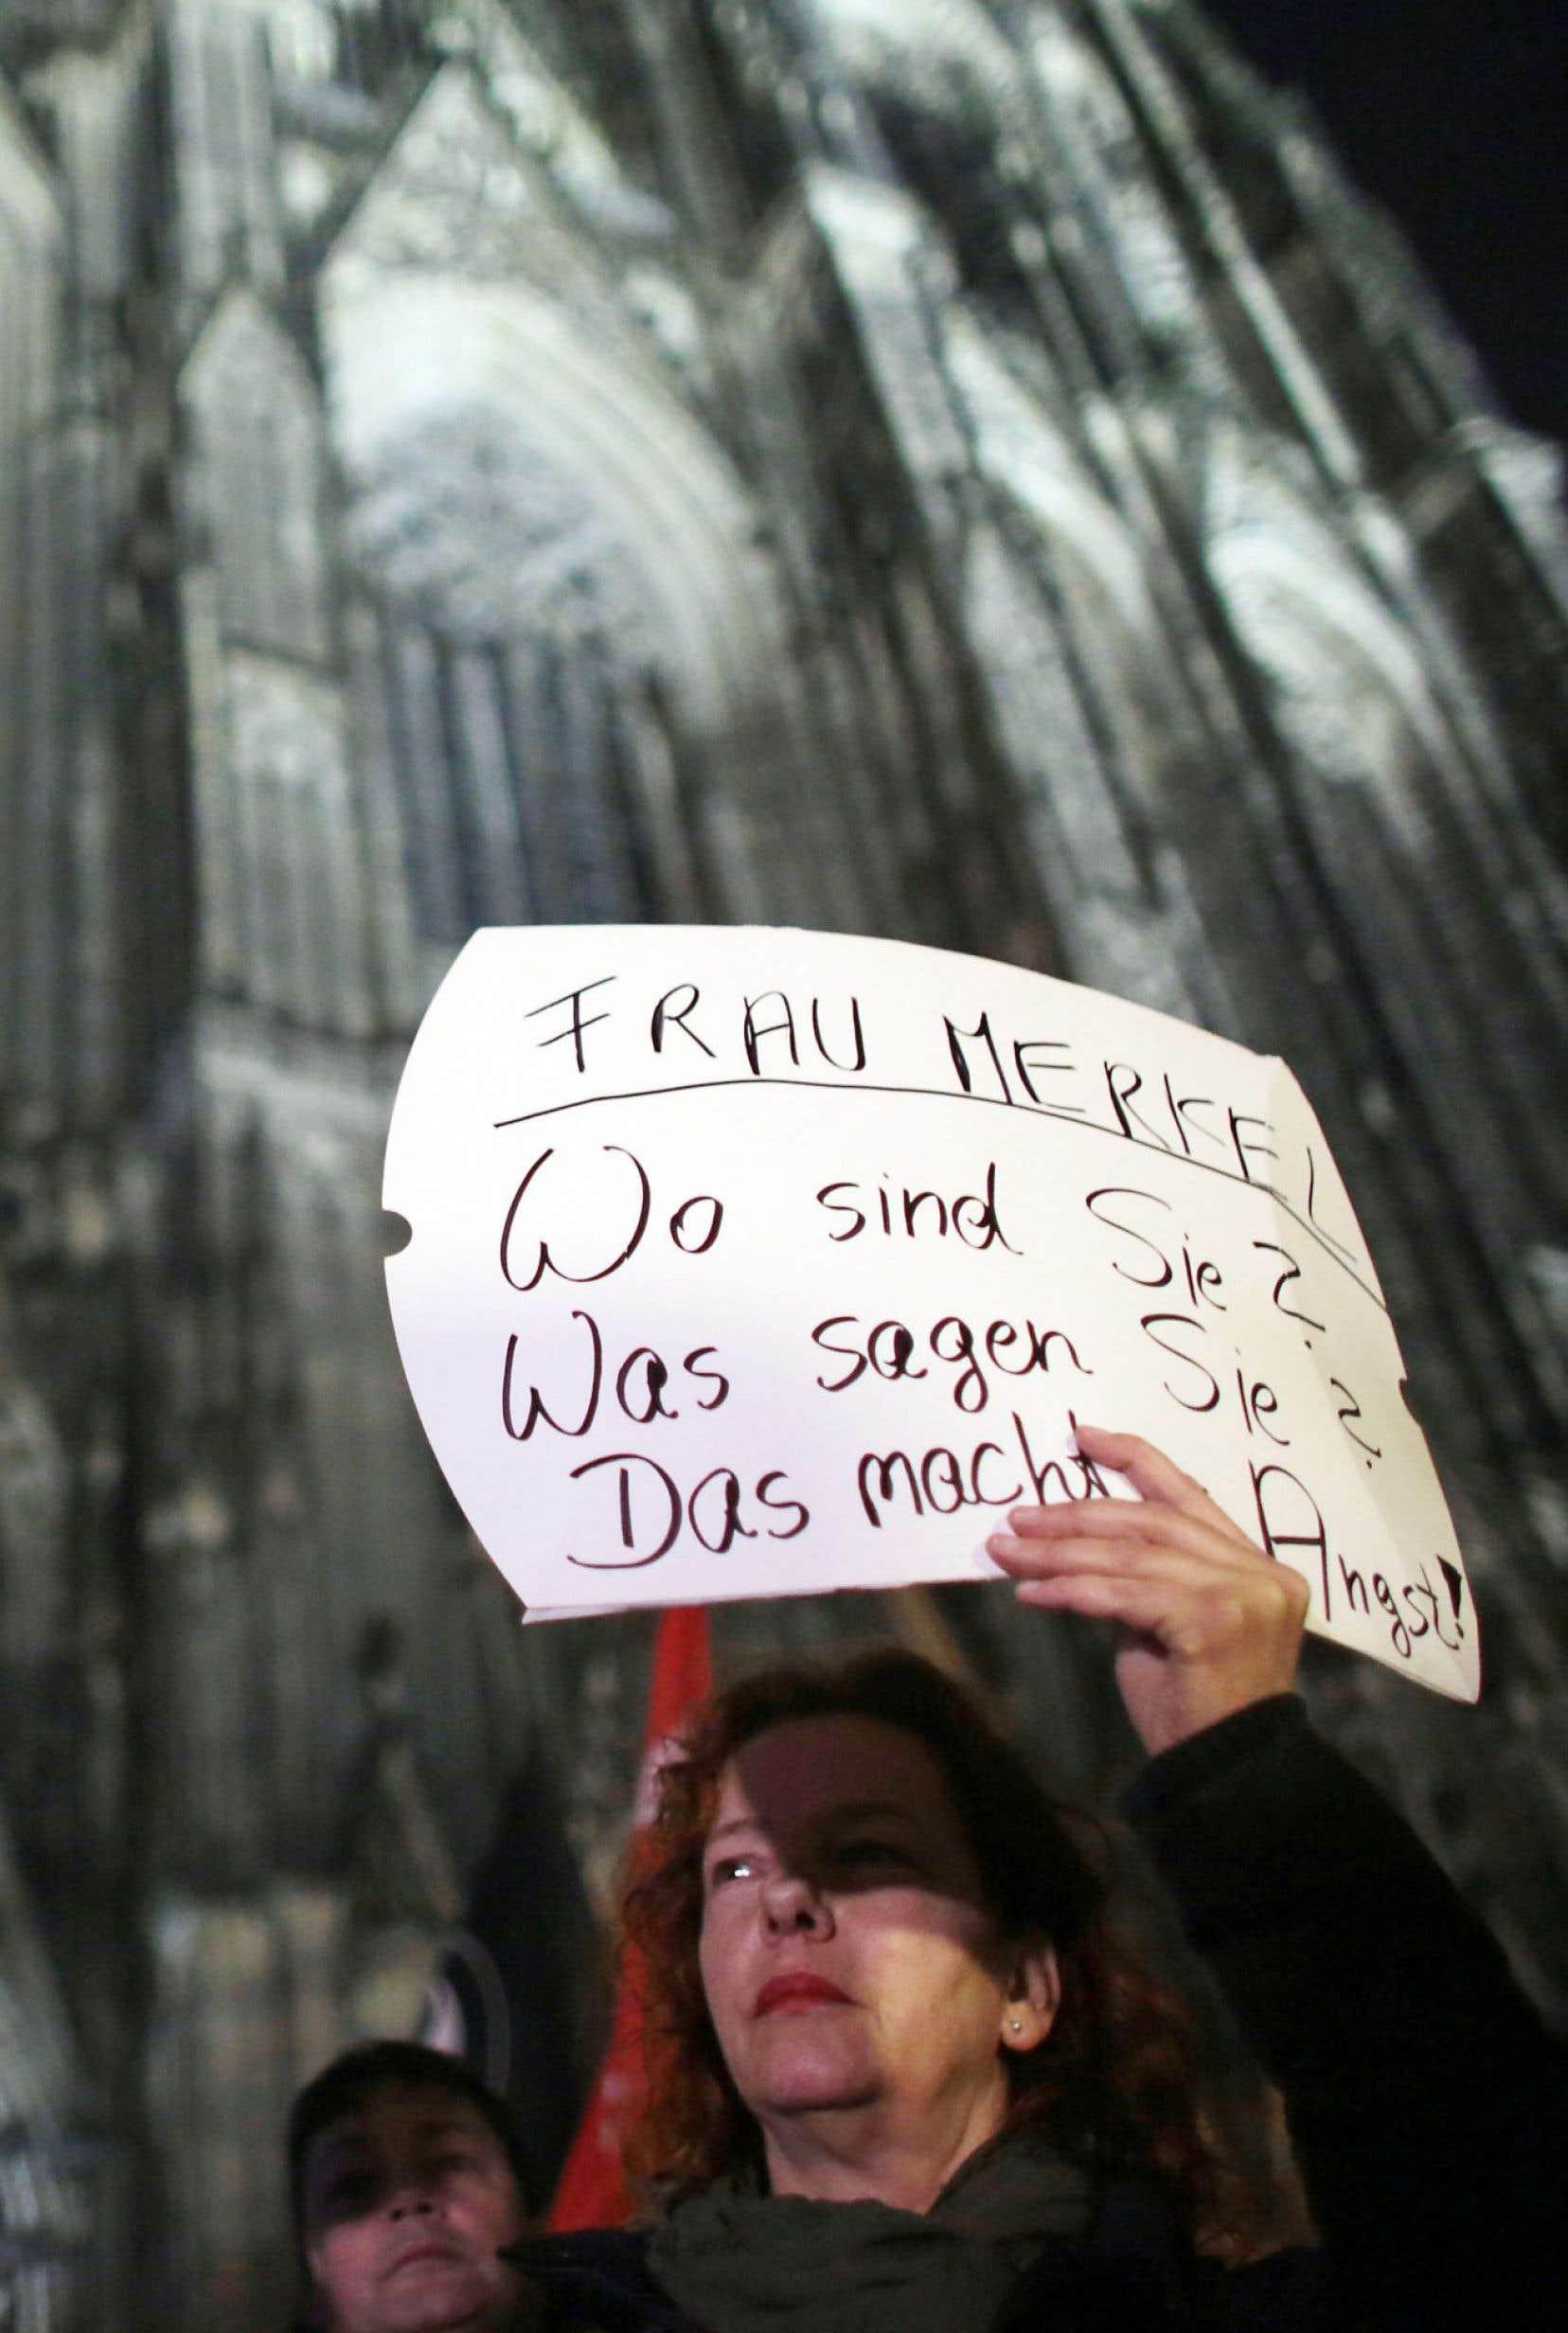 Les agressions ont provoqué l'émoi non seulement à Cologne, mais dans tout le pays.